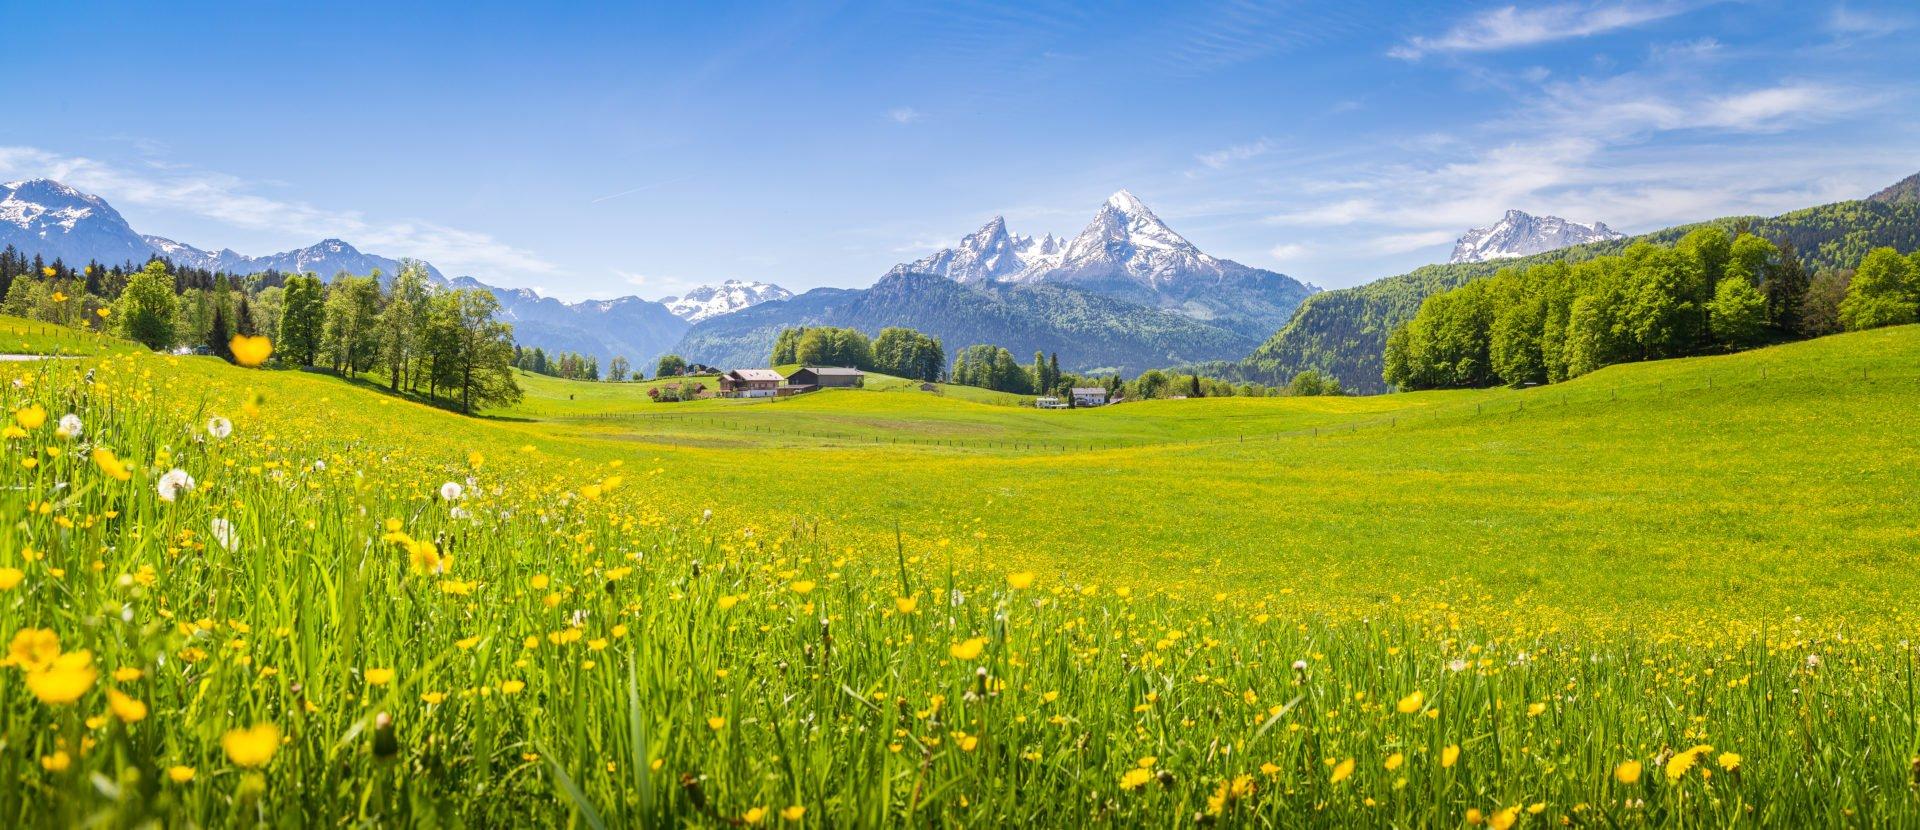 Top Nationalparks in Österreich - Alle 6 Nationalparks im Überblick